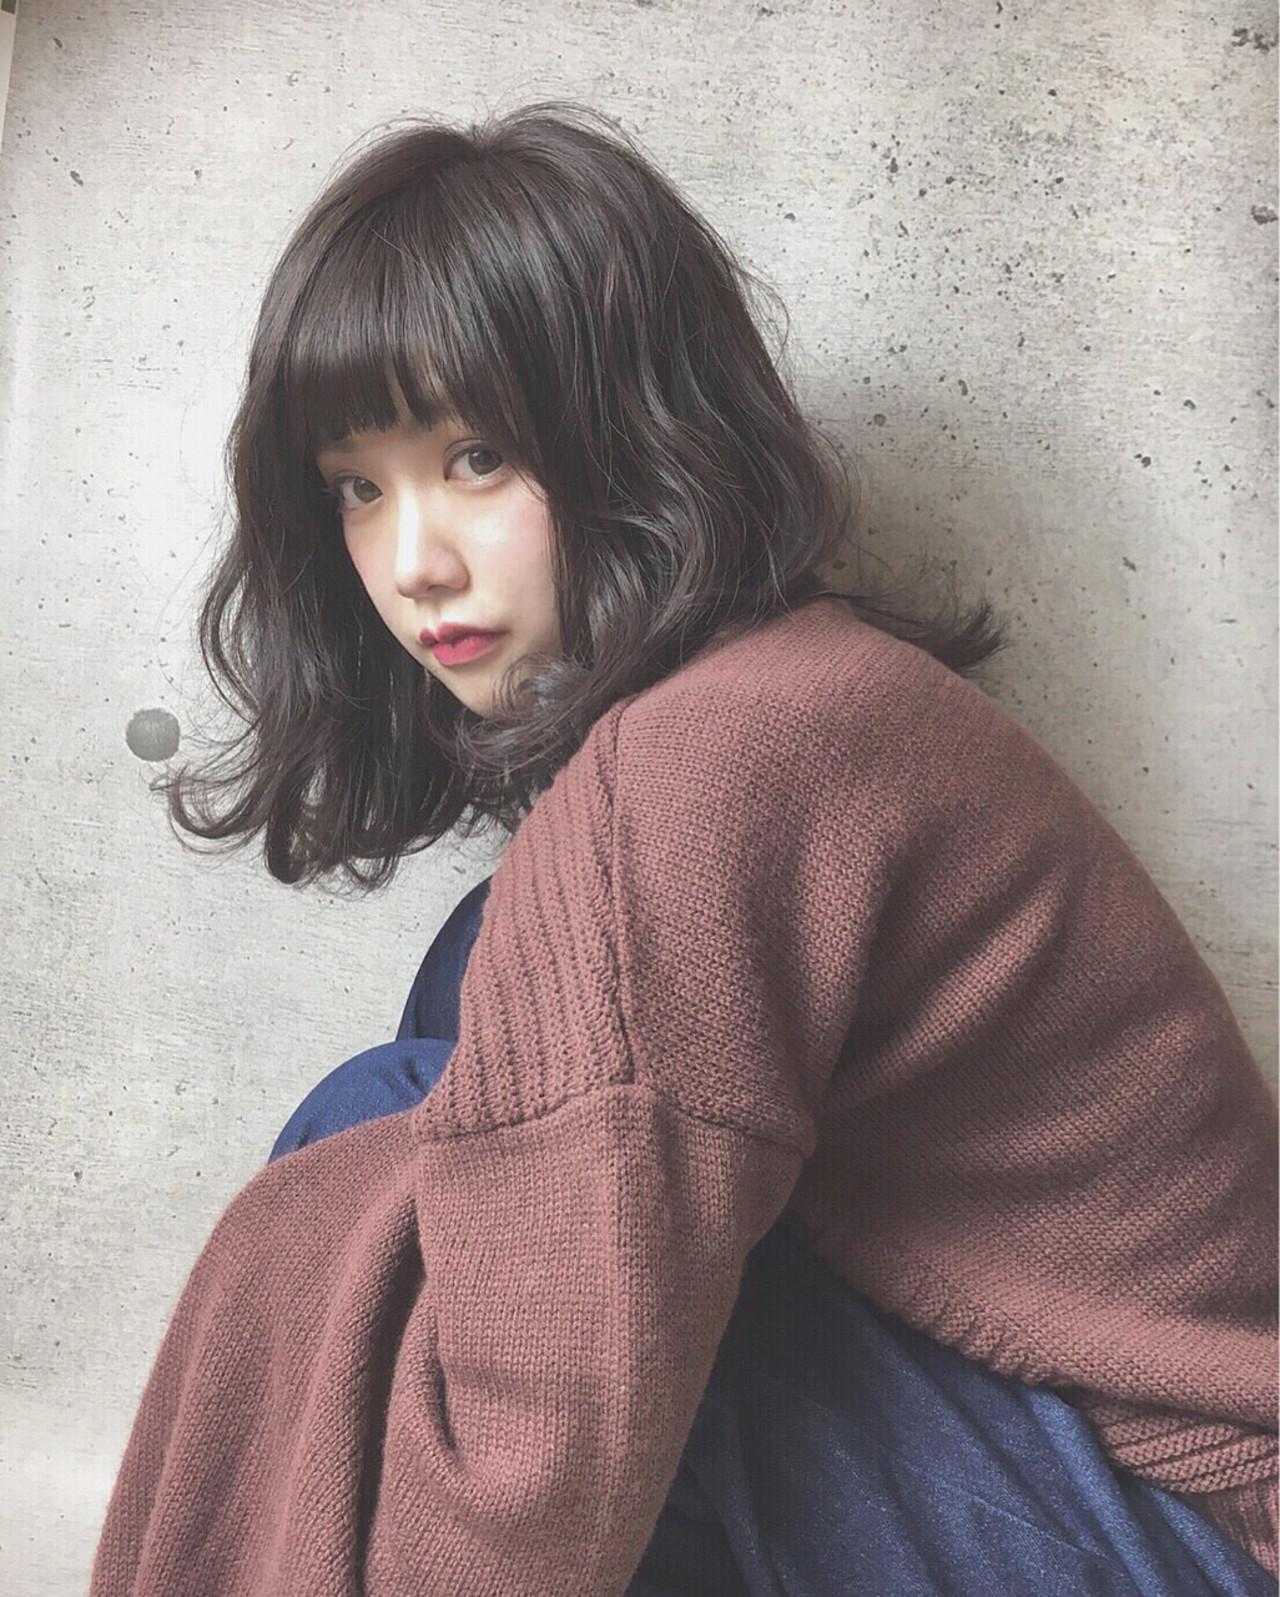 instagram ☞ @momo_mashiro  Twitter ☞ @momo_mashiro  WEAR ☞ @momomashiro